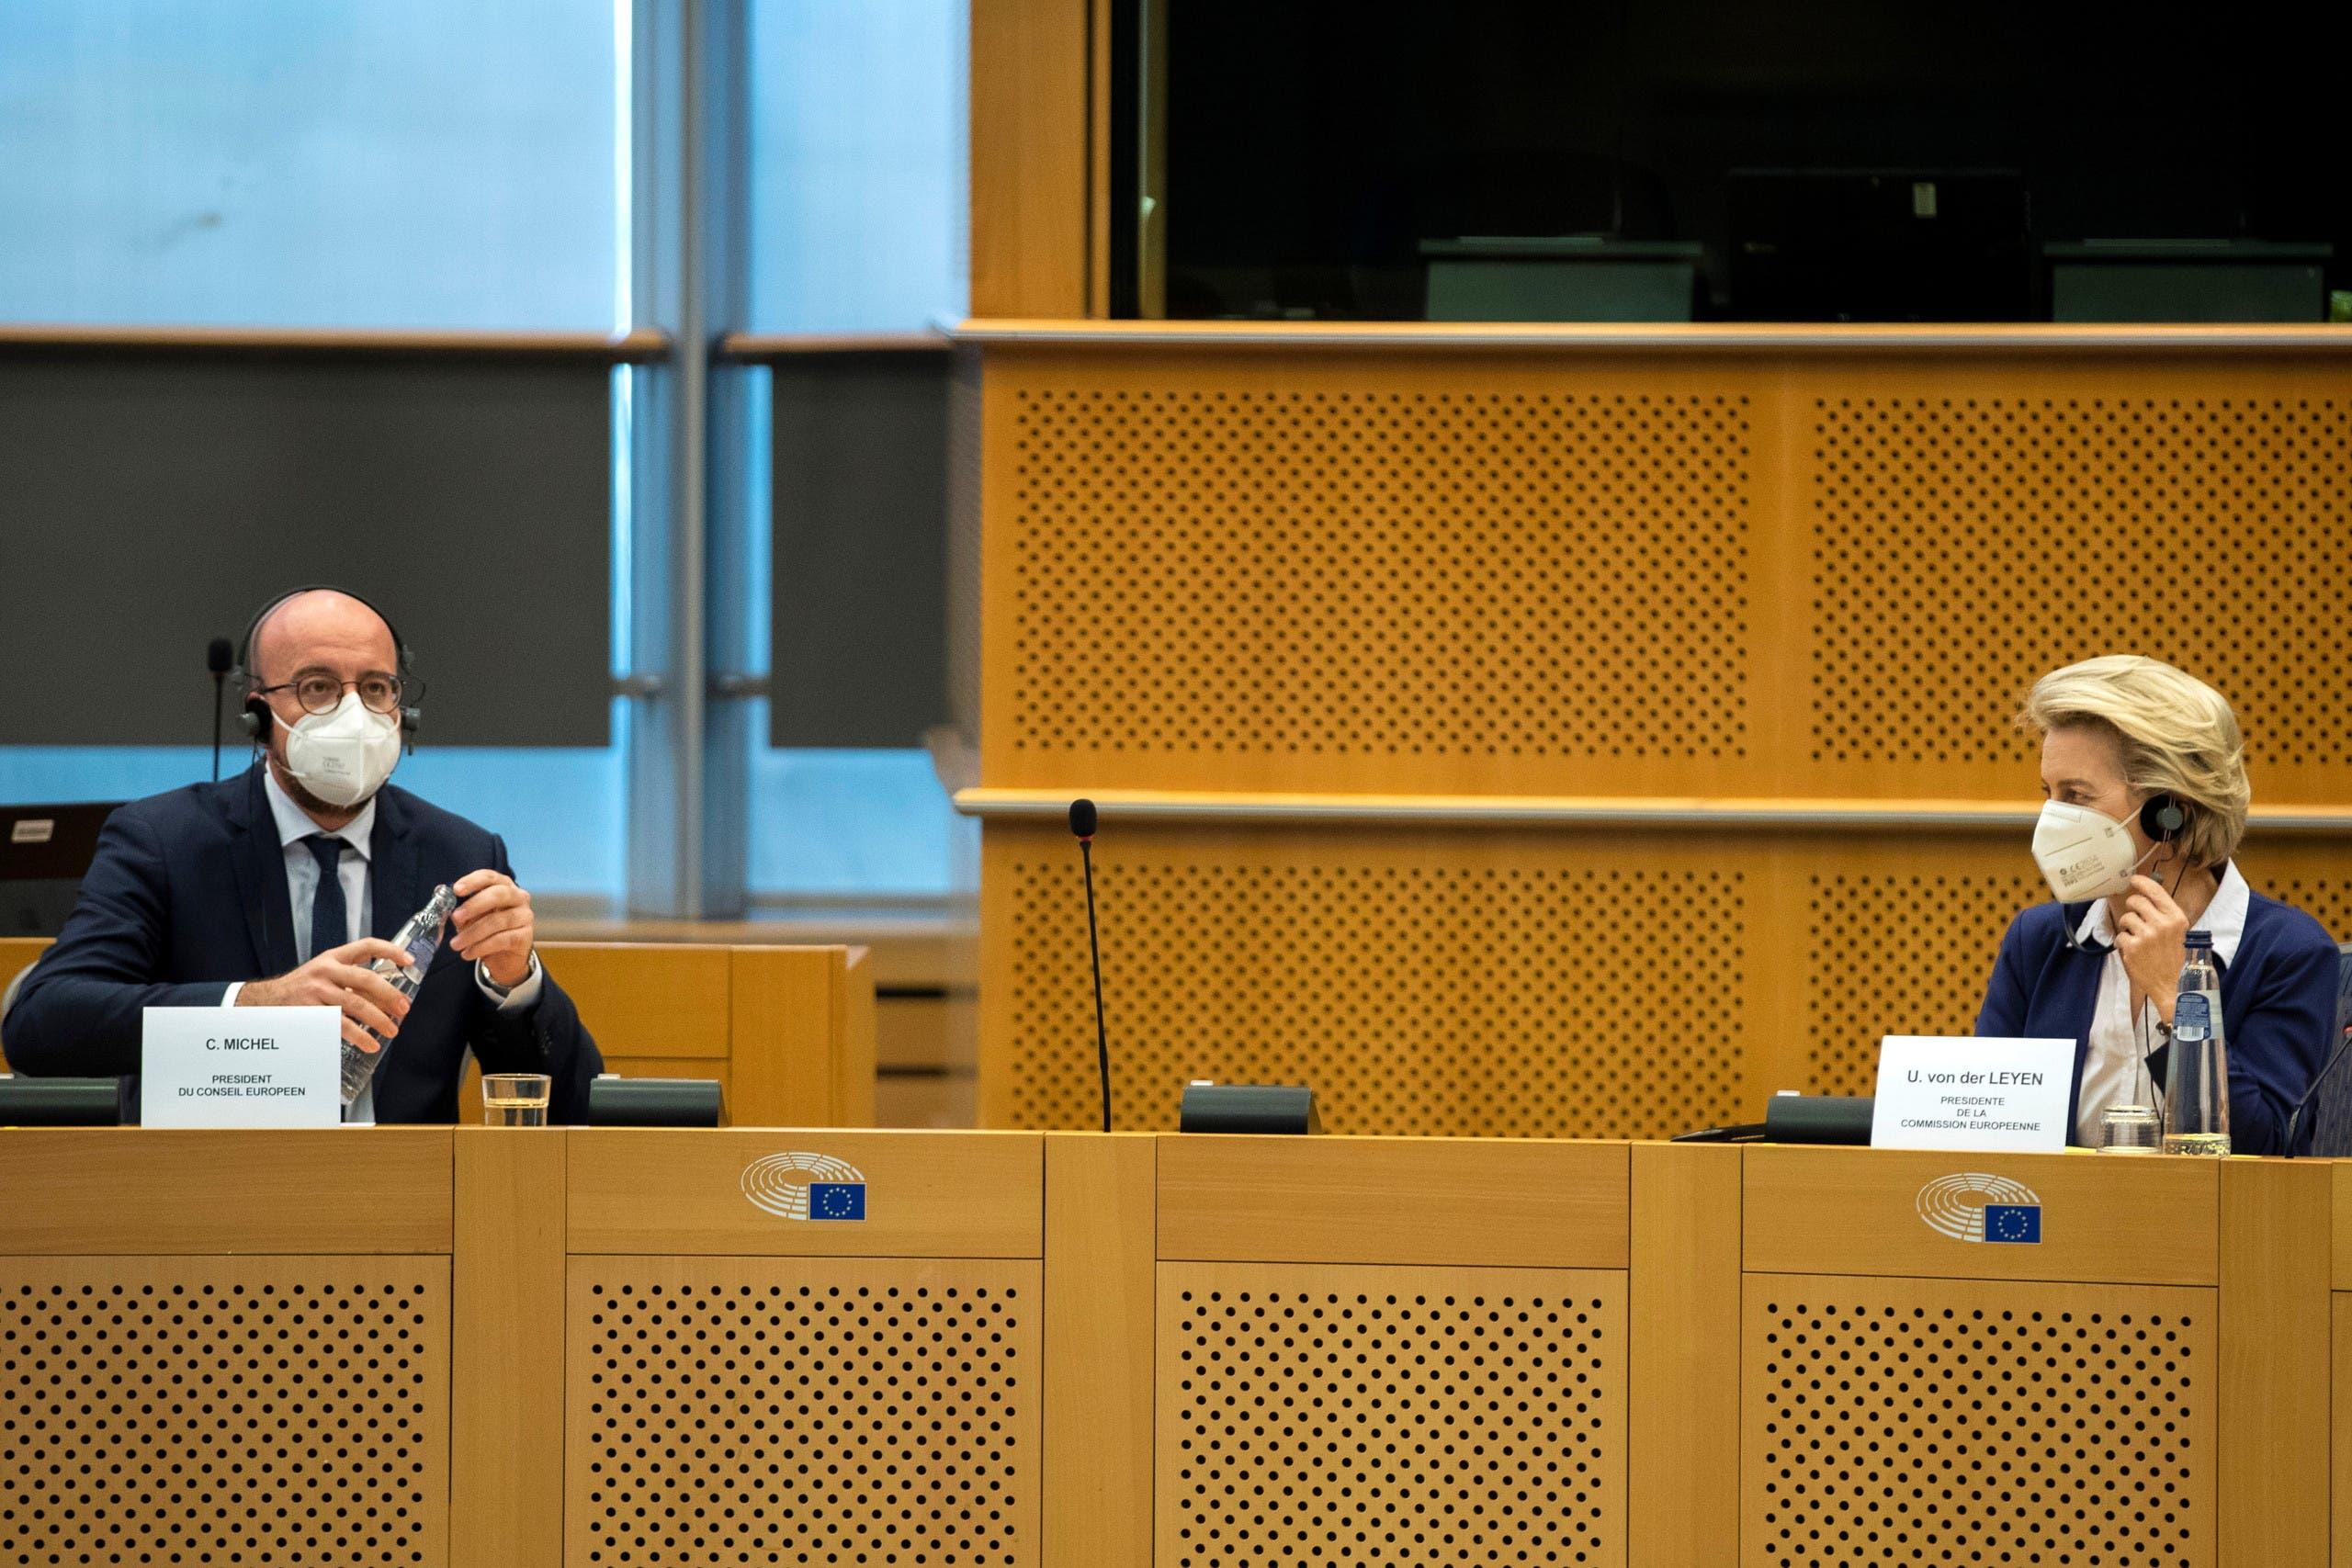 فون دير ليين وميشال في جلسة الاستماع لهما في البرلمان الأوروبي